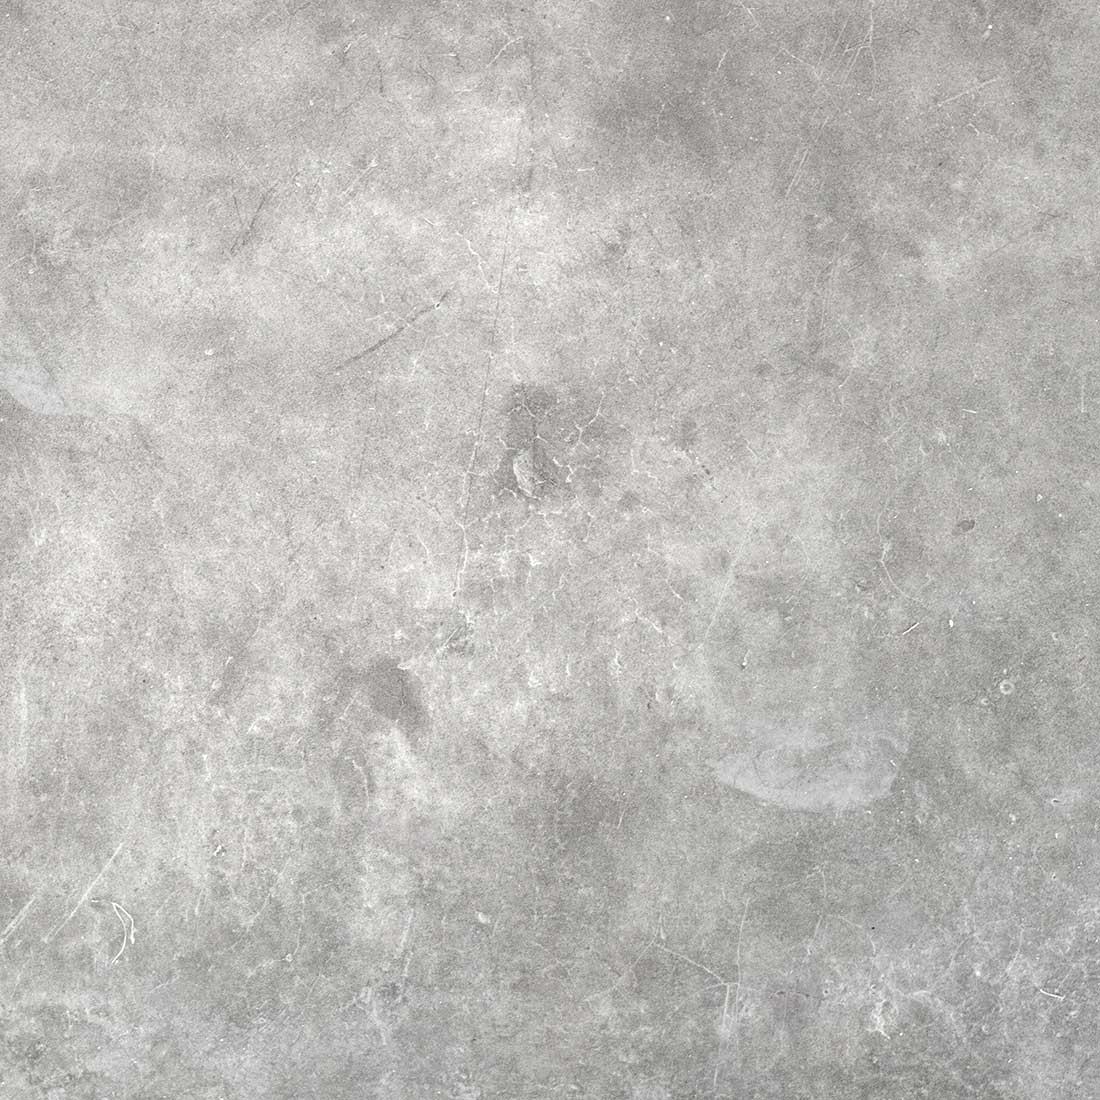 Béton gris clair